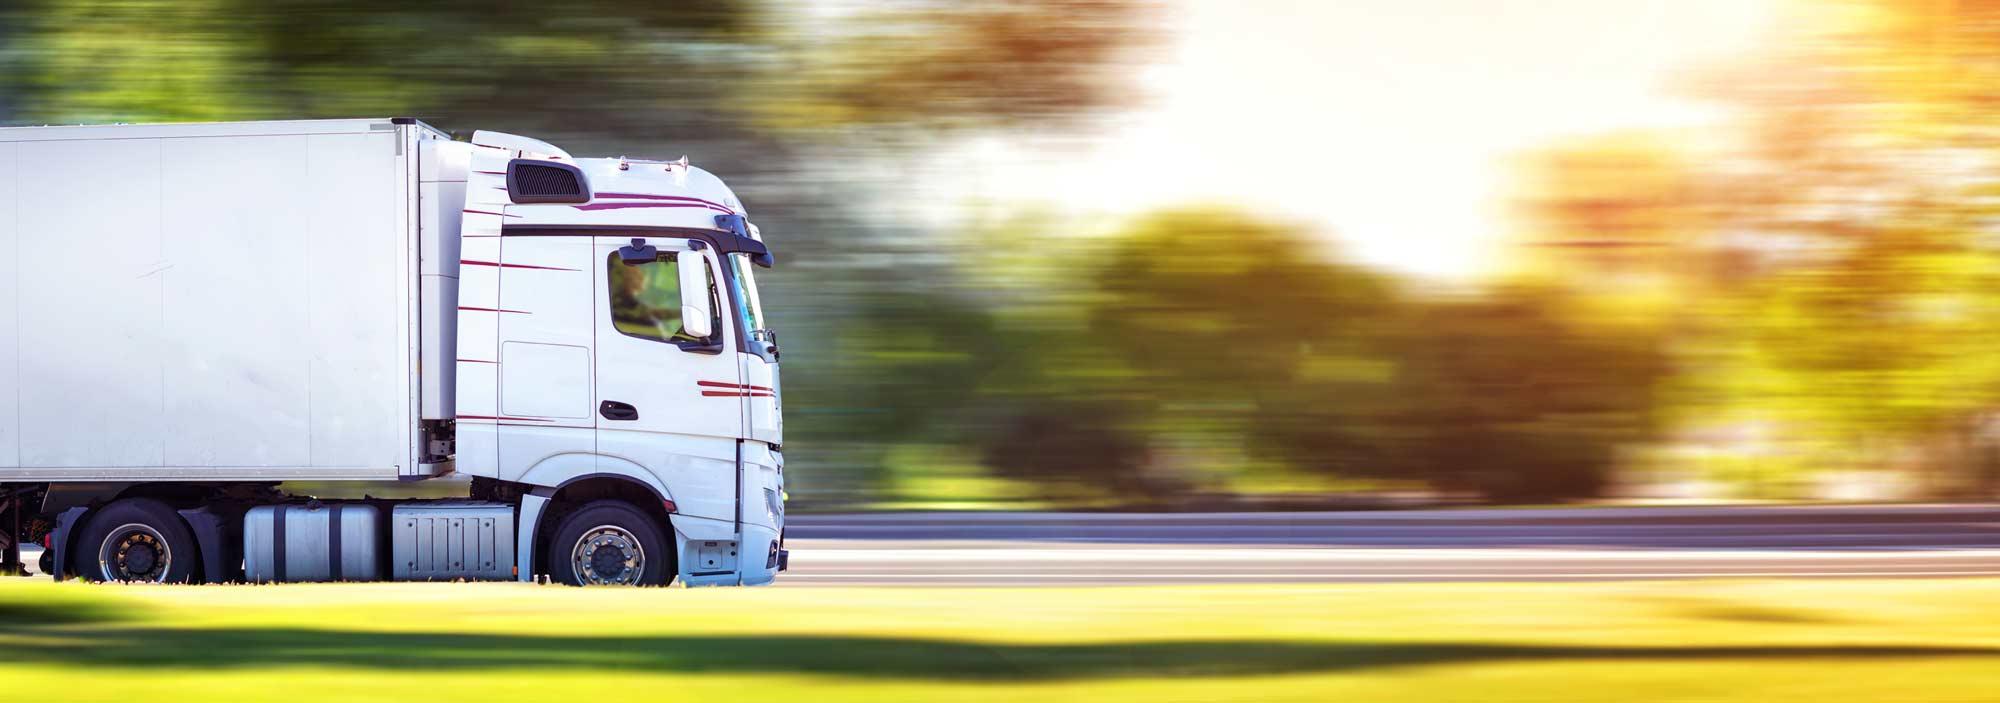 Mietfinanz Finanzierungsrechner für Nutzfahrzeuge